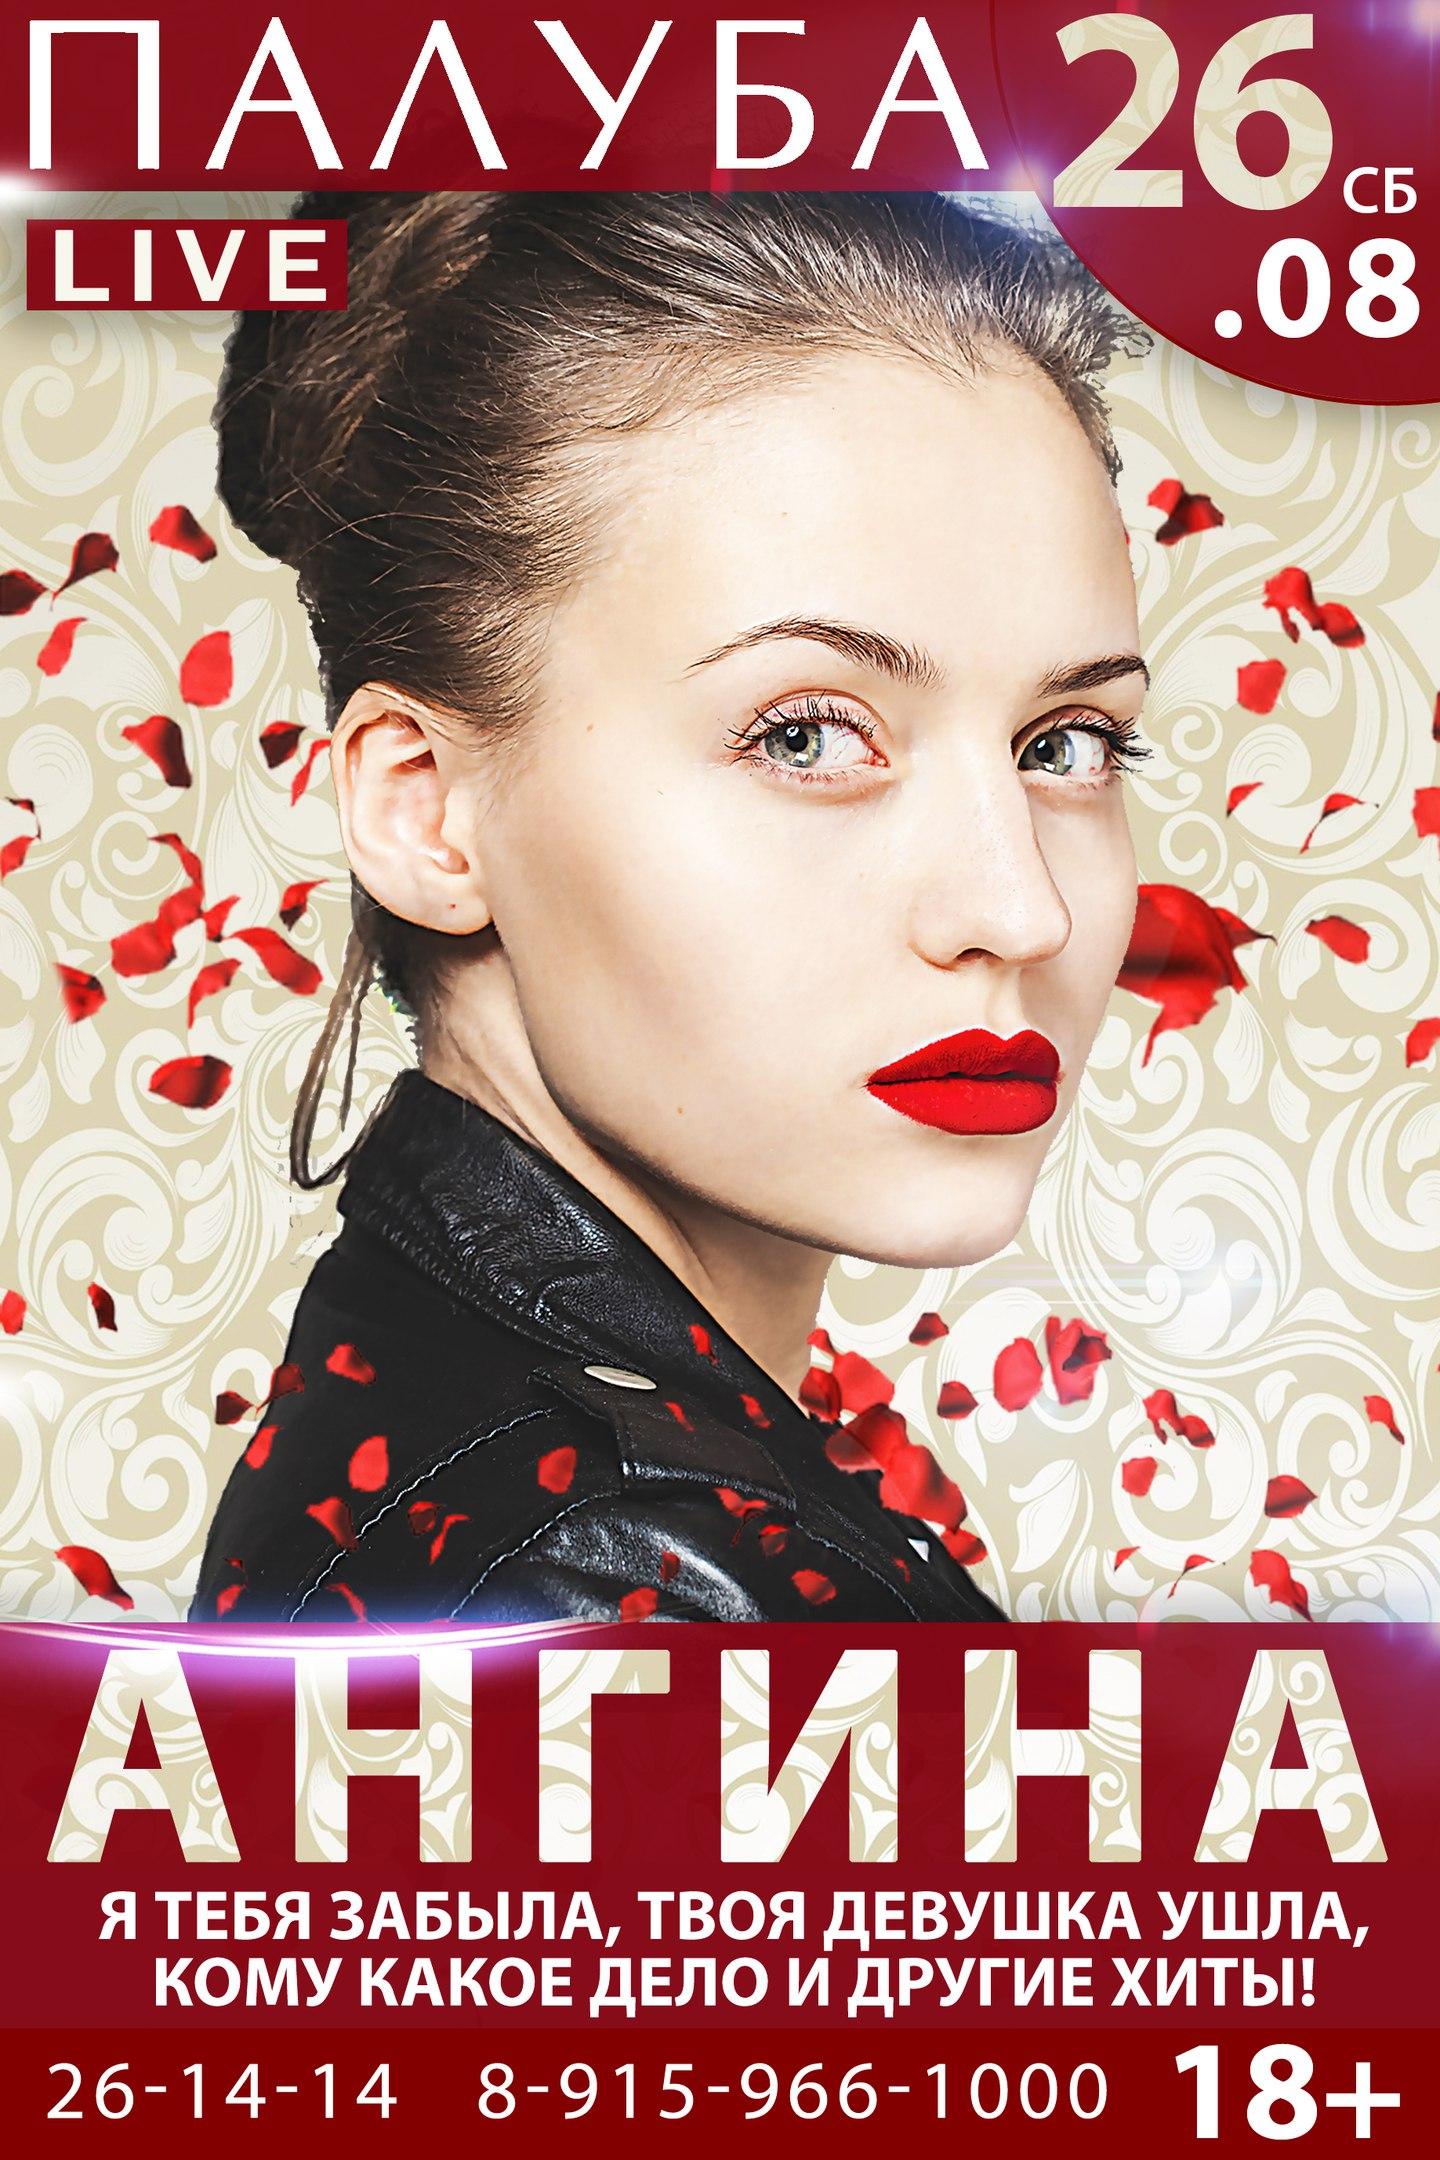 Певица Ангина официальный сайт агента - организация заказ ... | 2160x1440